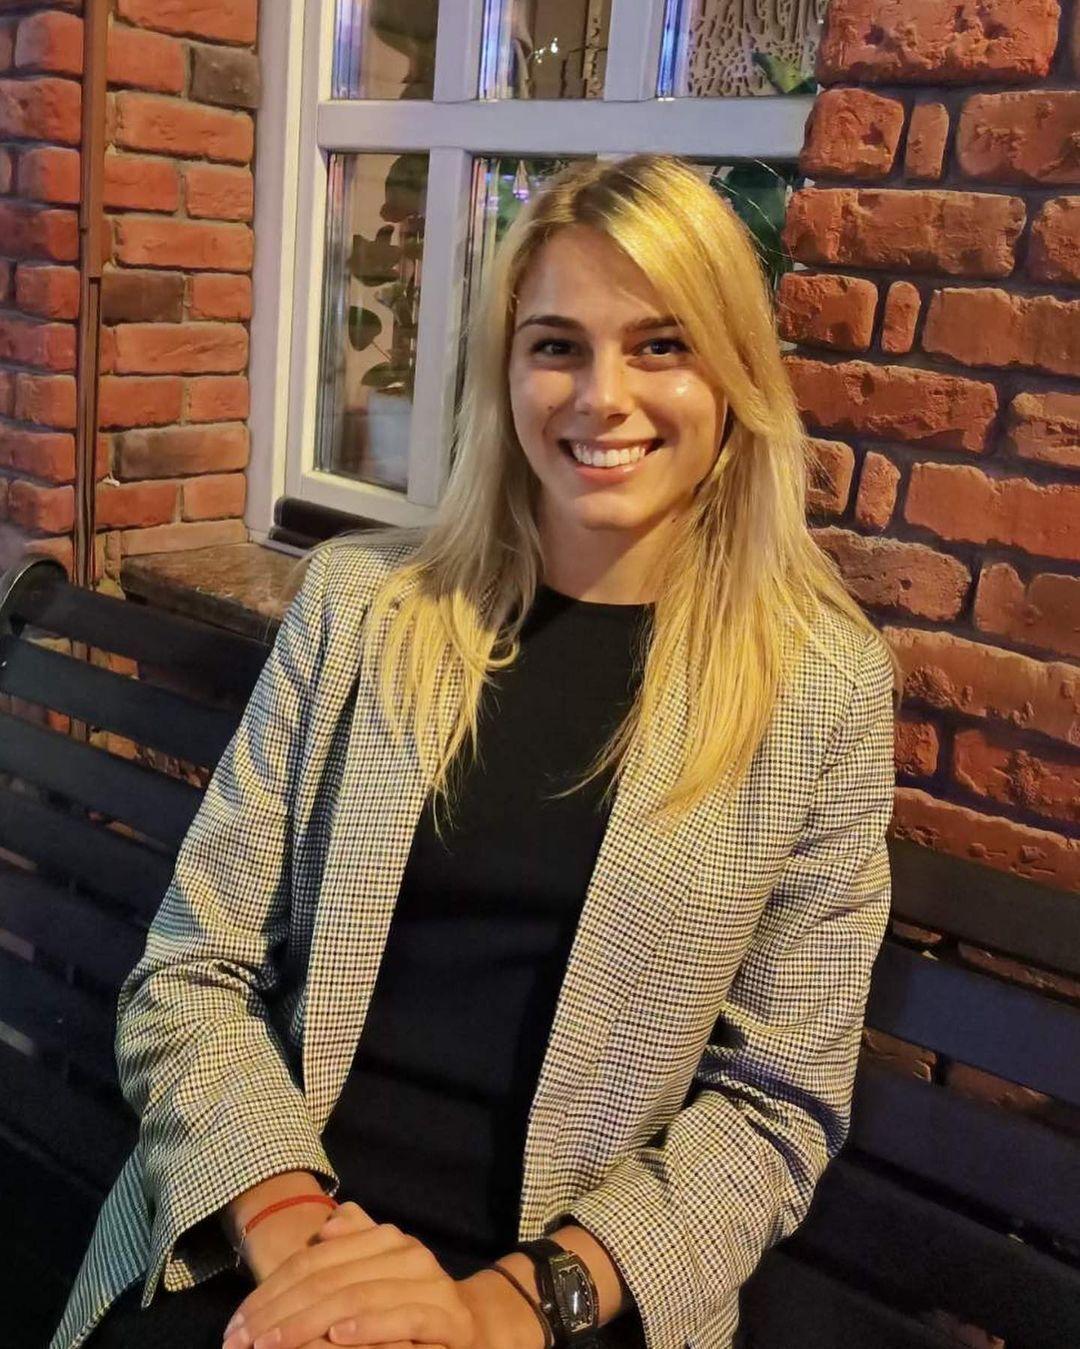 Юлия Левченко в пиджаке.